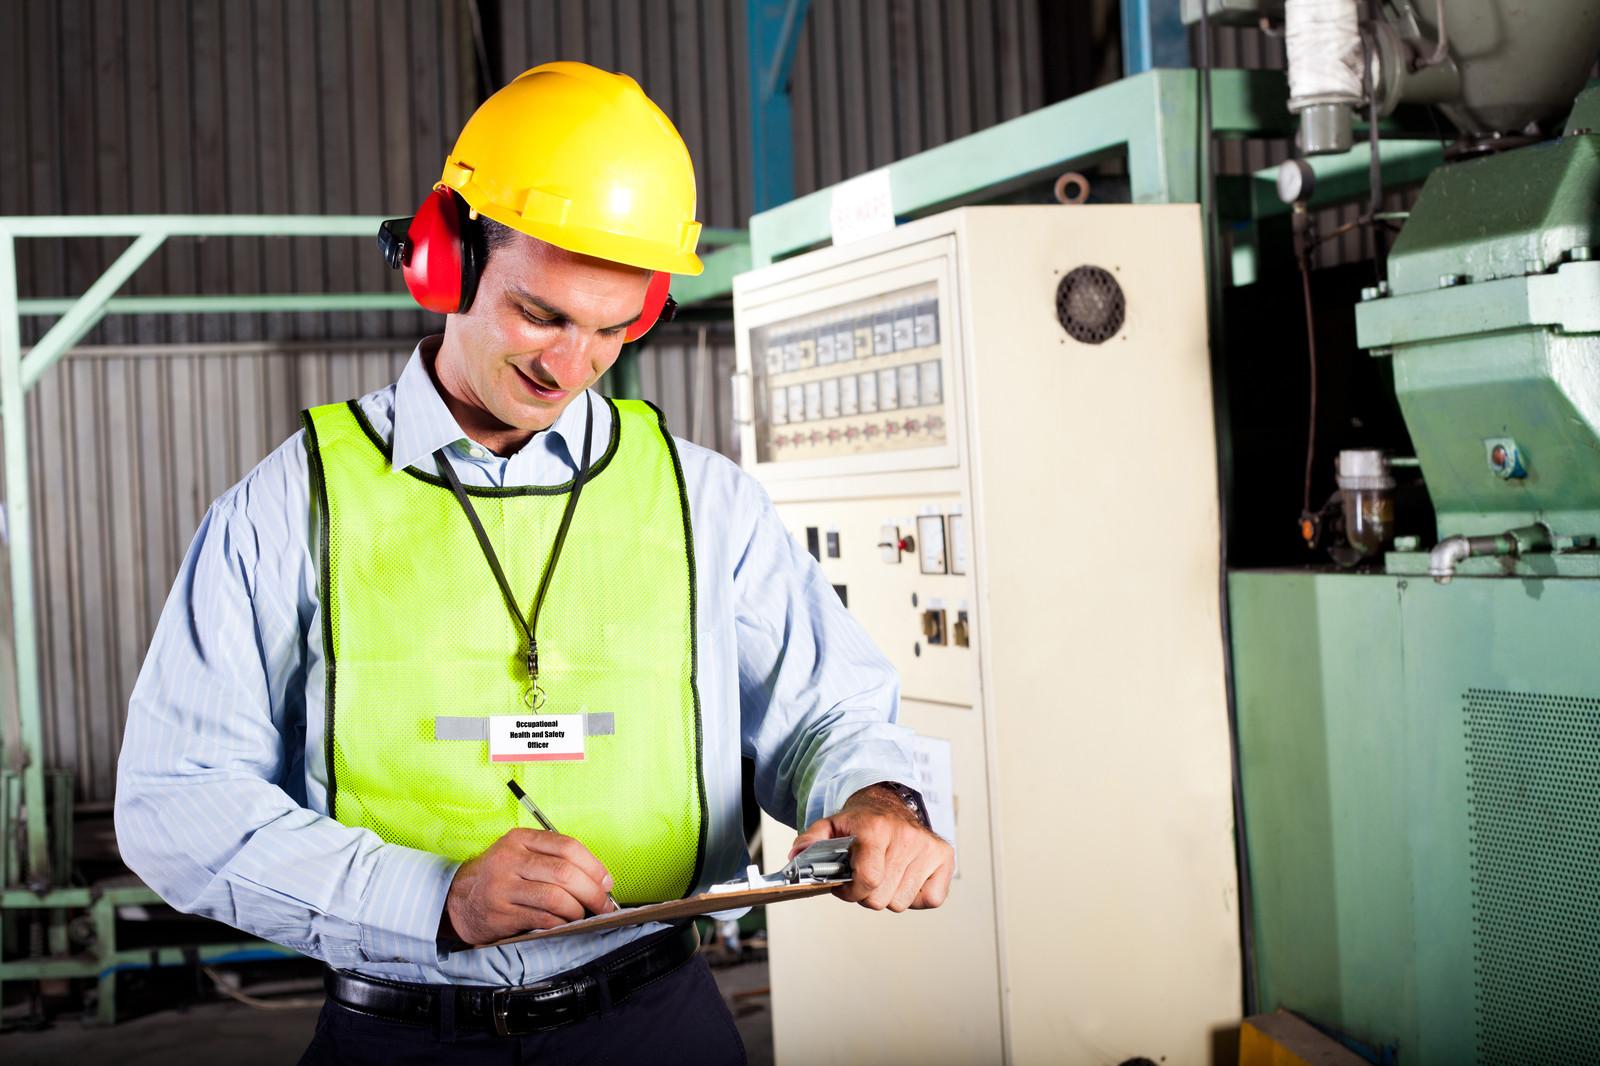 Обучение по промышленной безопасности А1 Основы промышленной безопасности скидки при групповом обучении